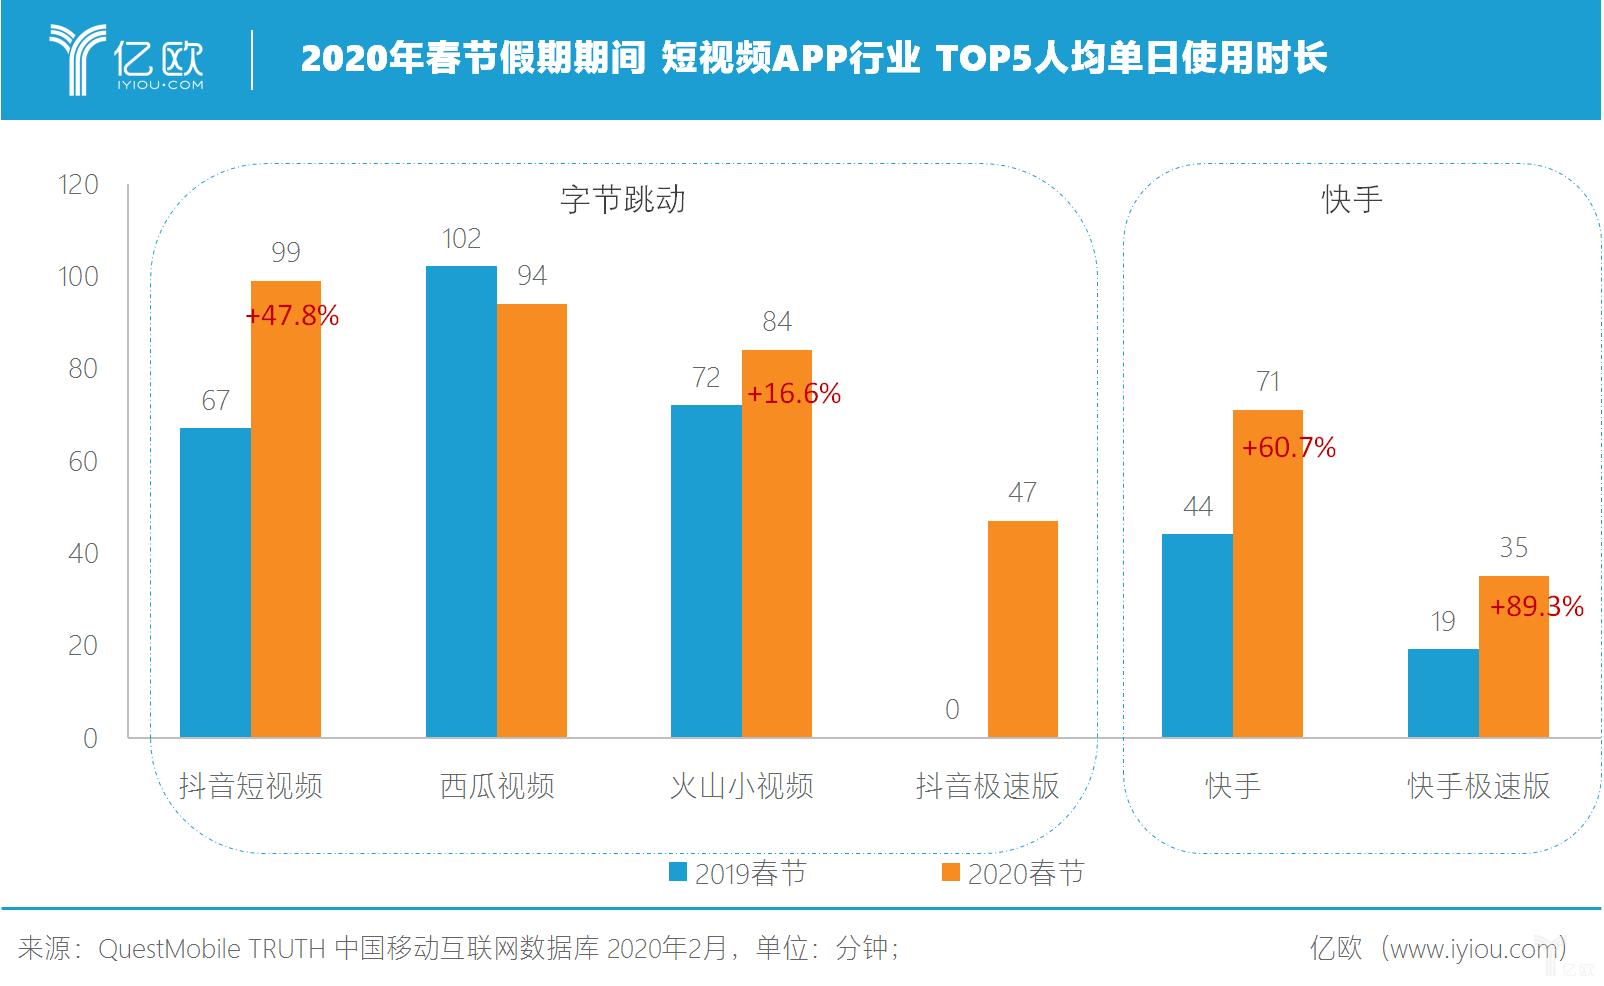 亿欧:2020年春节假期期间 短视频APP行业 TOP5人均单日使用时长